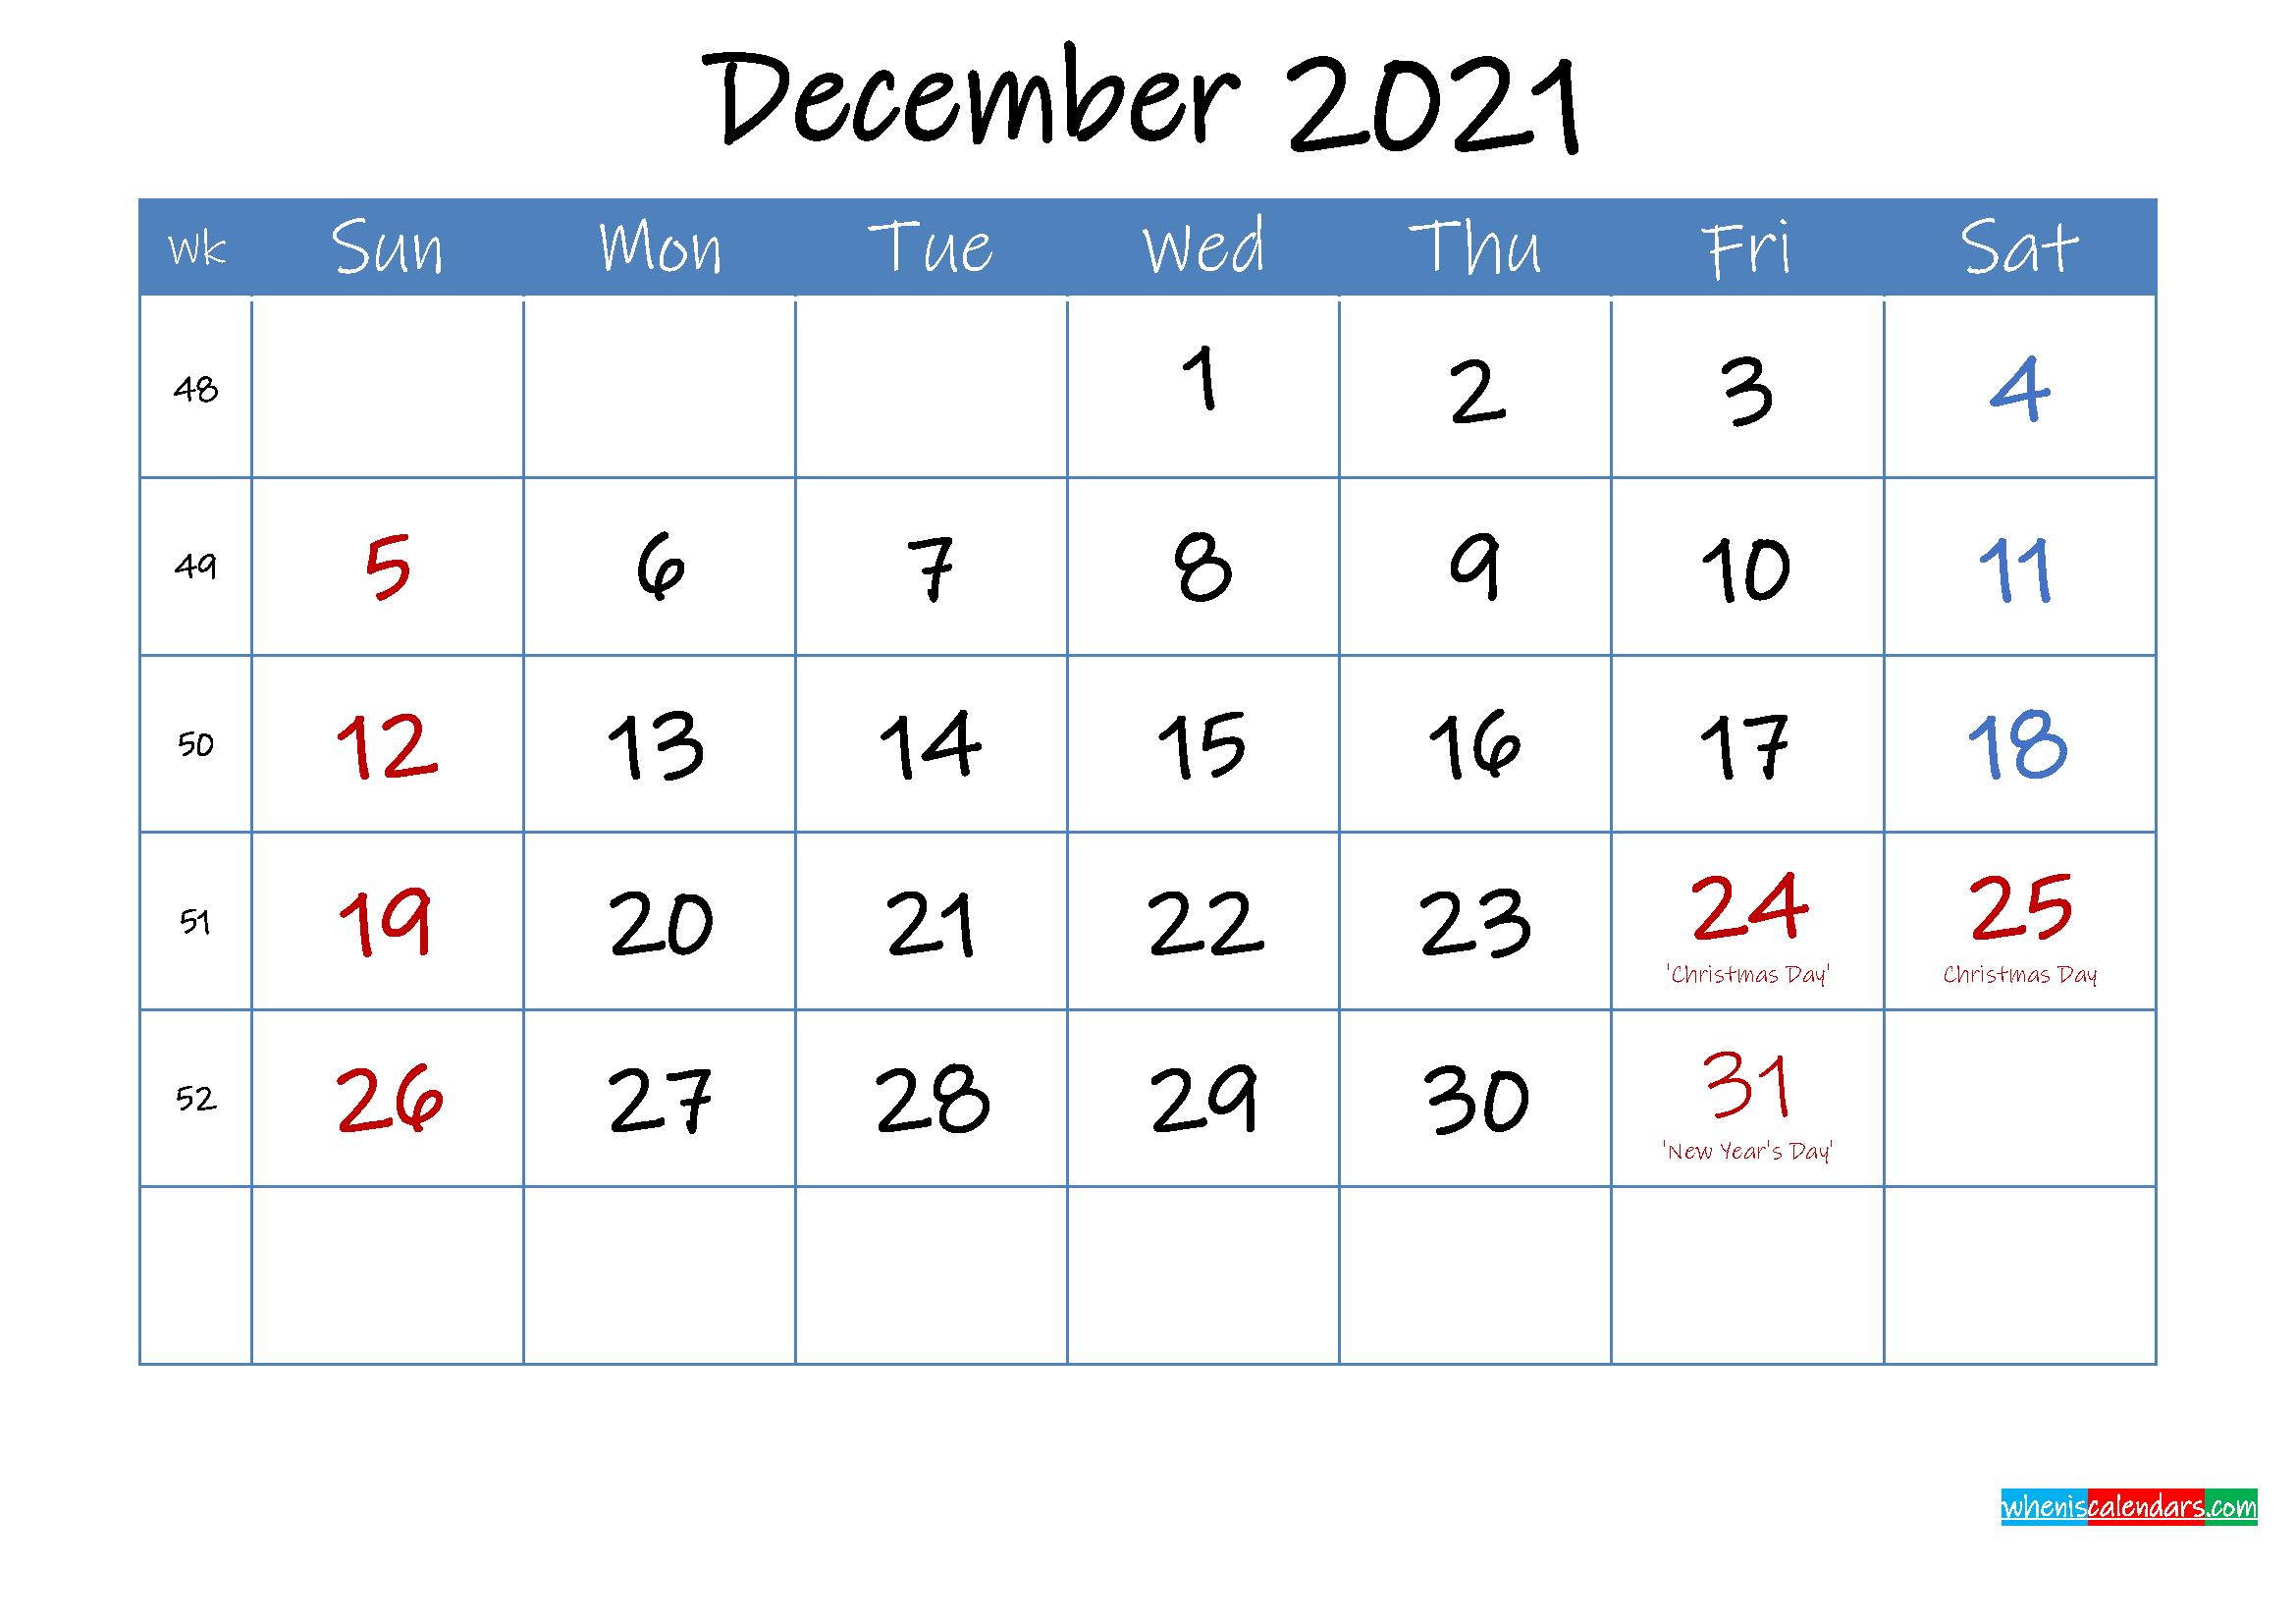 Printable December 2021 Calendar Word - Template Ink21M24 December 2021 Calendar Printable Free